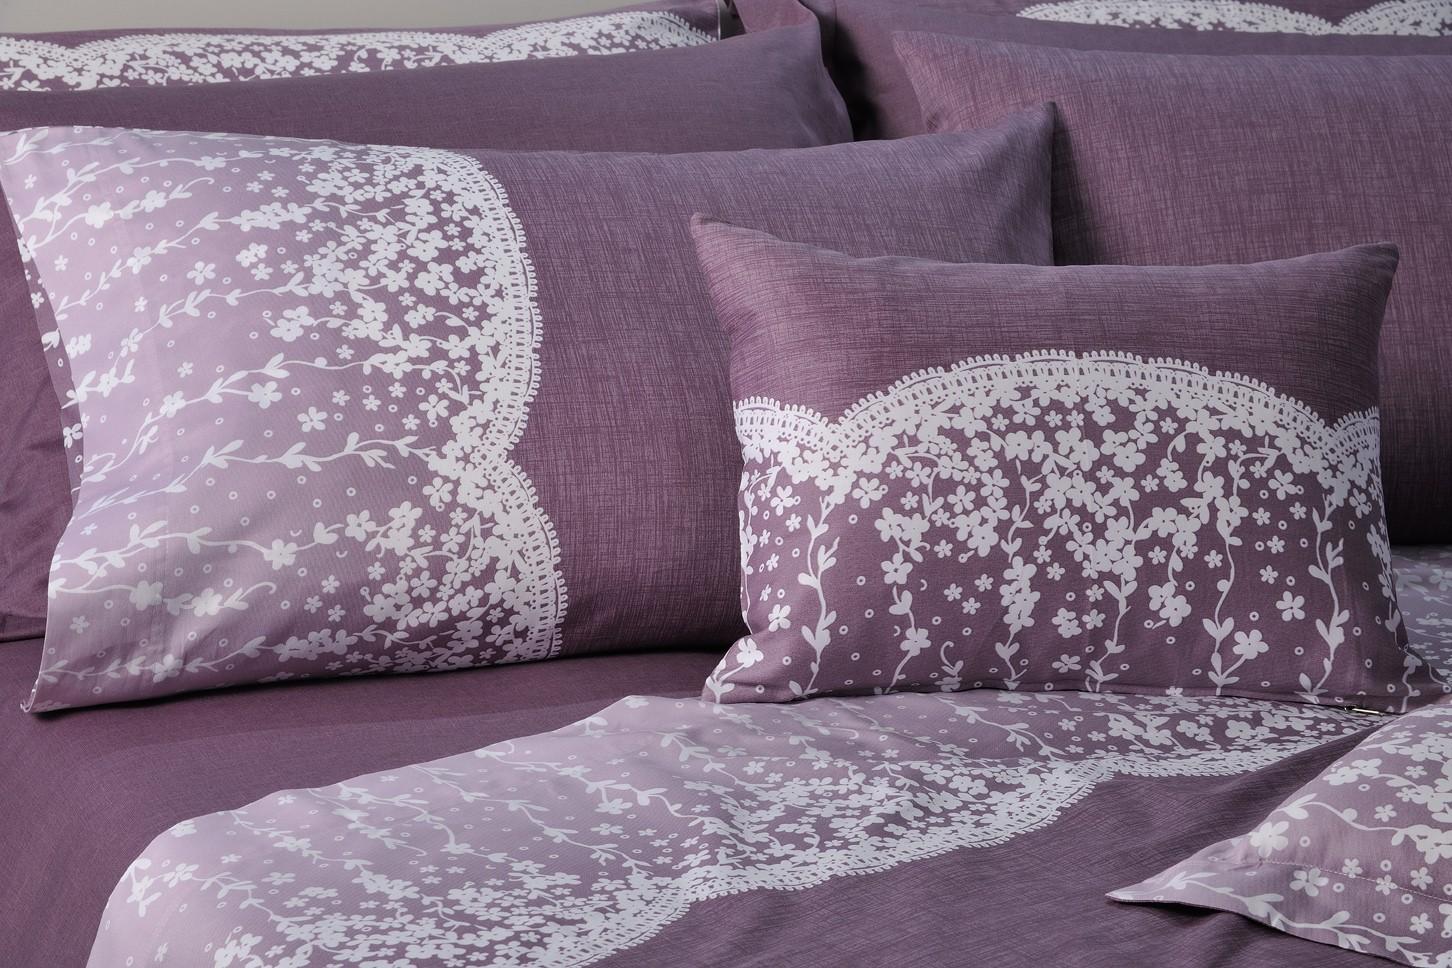 Κουβερλί Υπέρδιπλο (Σετ) Down Town Lace Purple S 622